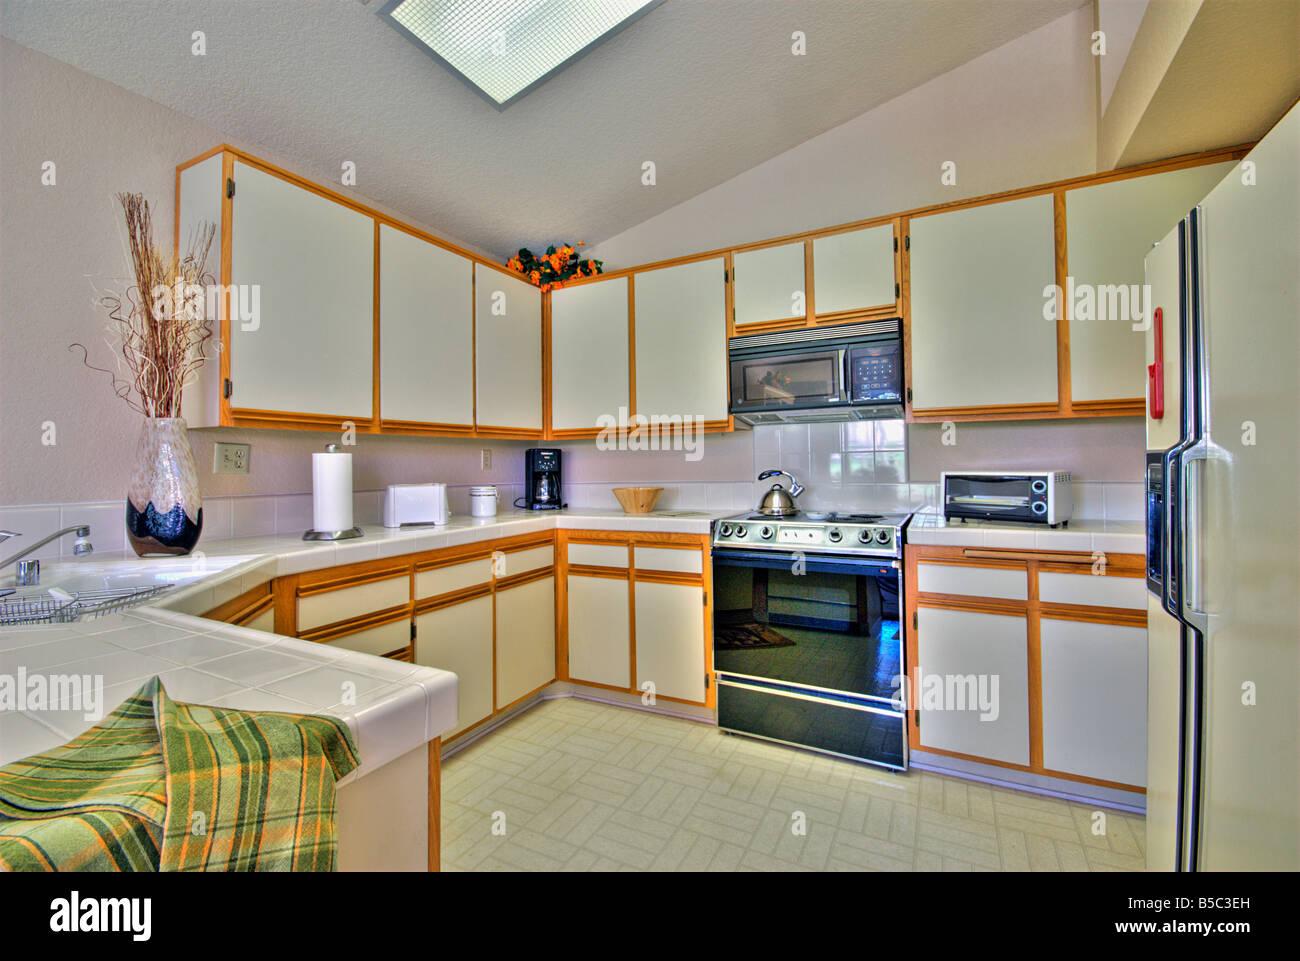 Oasis country club palm desert cucina interni in legno bianco